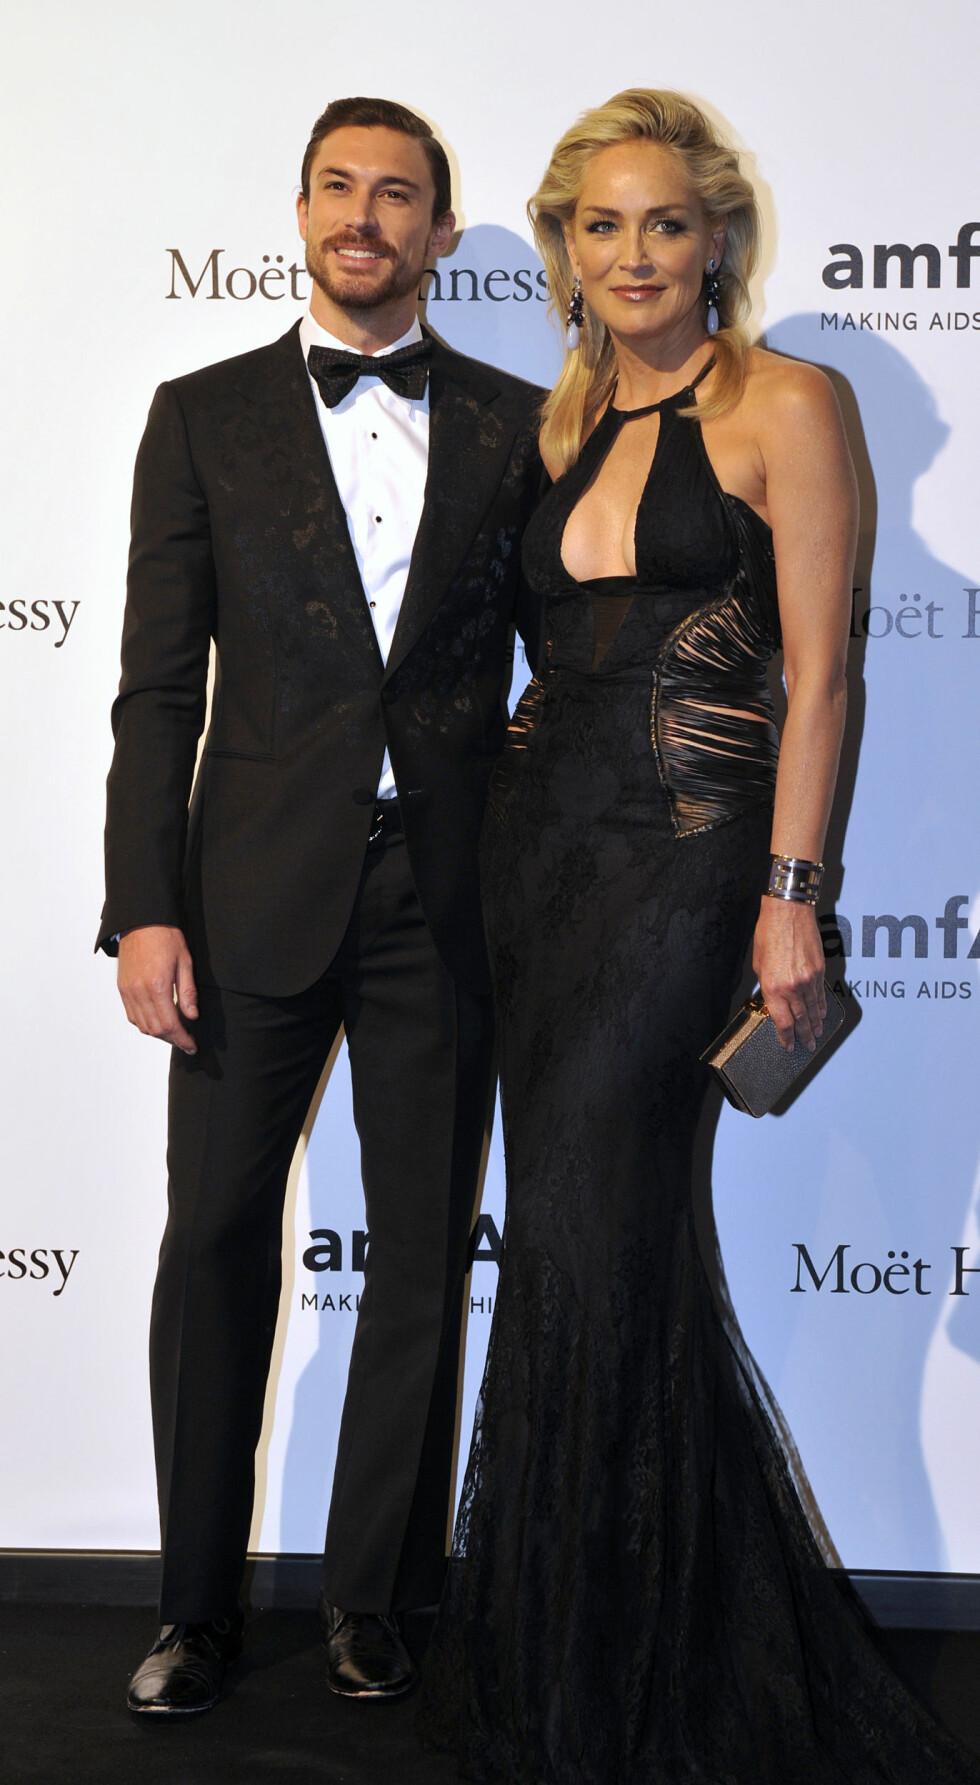 <strong>30 ÅRS FORSKJELL:</strong> Skuespiller Sharon Stone var kjæreste med den 30 år yngre argentinske kjekkasen Martin Mica (27), før lykken brast i 2013. Foto: NTB Scanpix